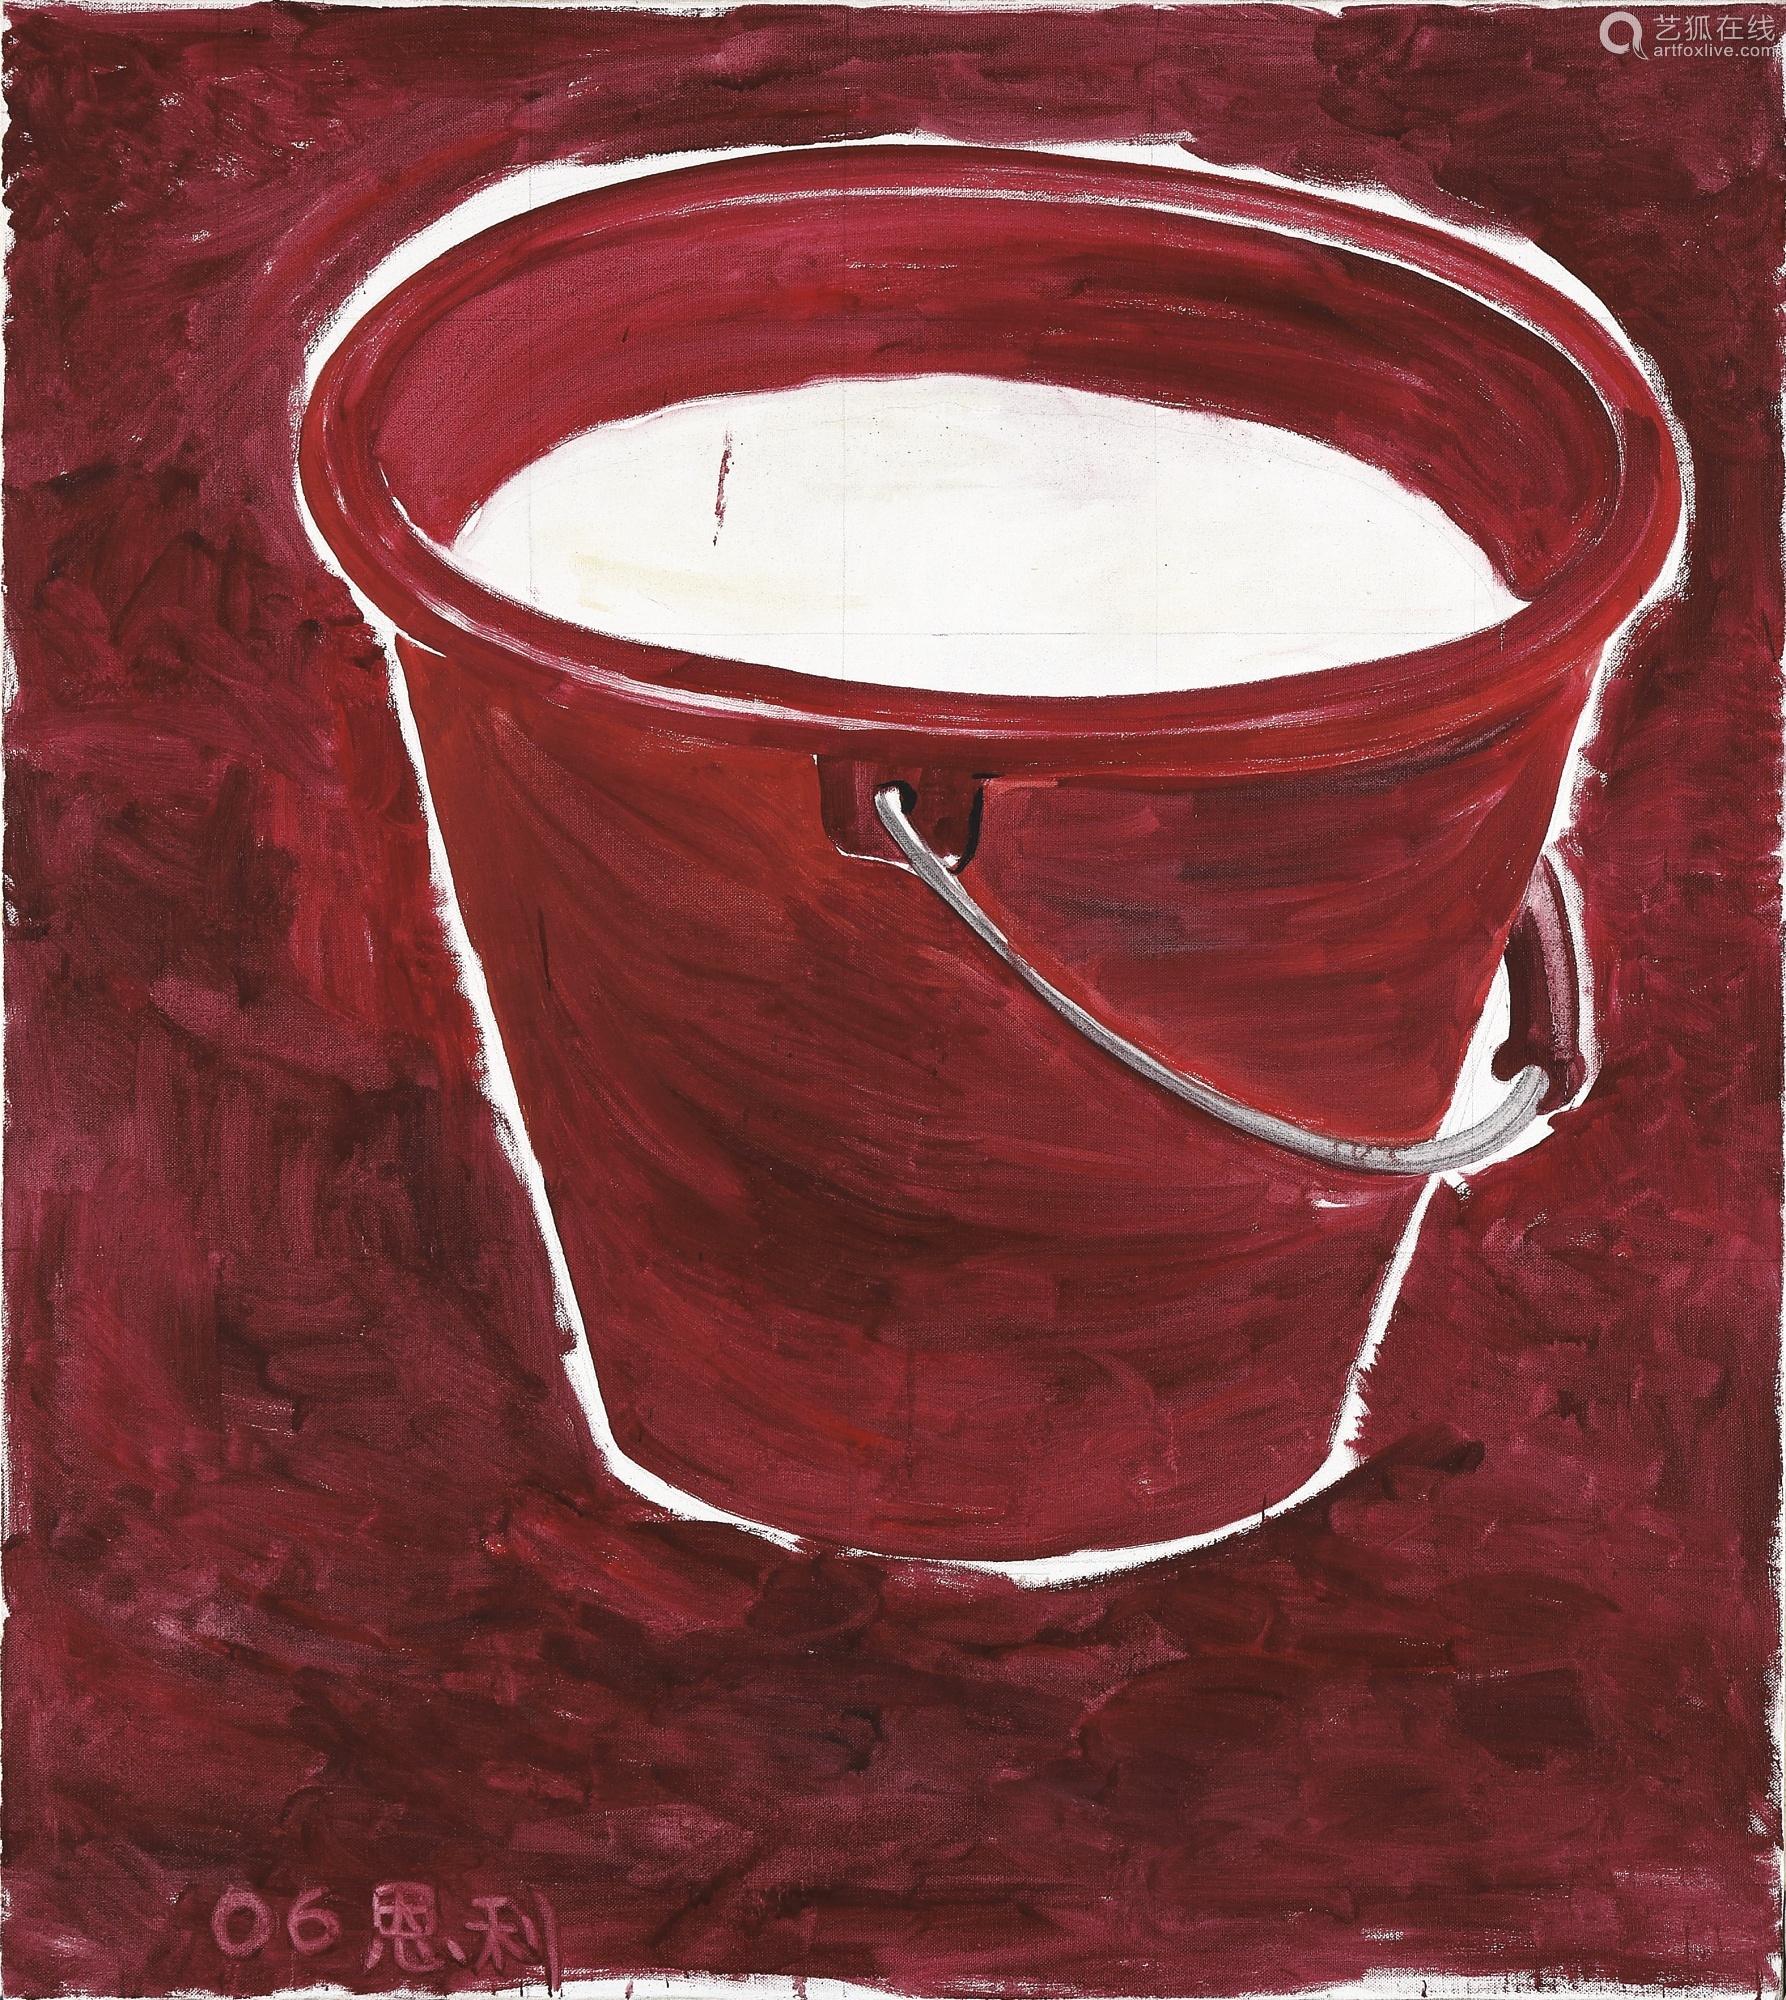 张恩利 二〇〇六年作 红色容器 压克力画布